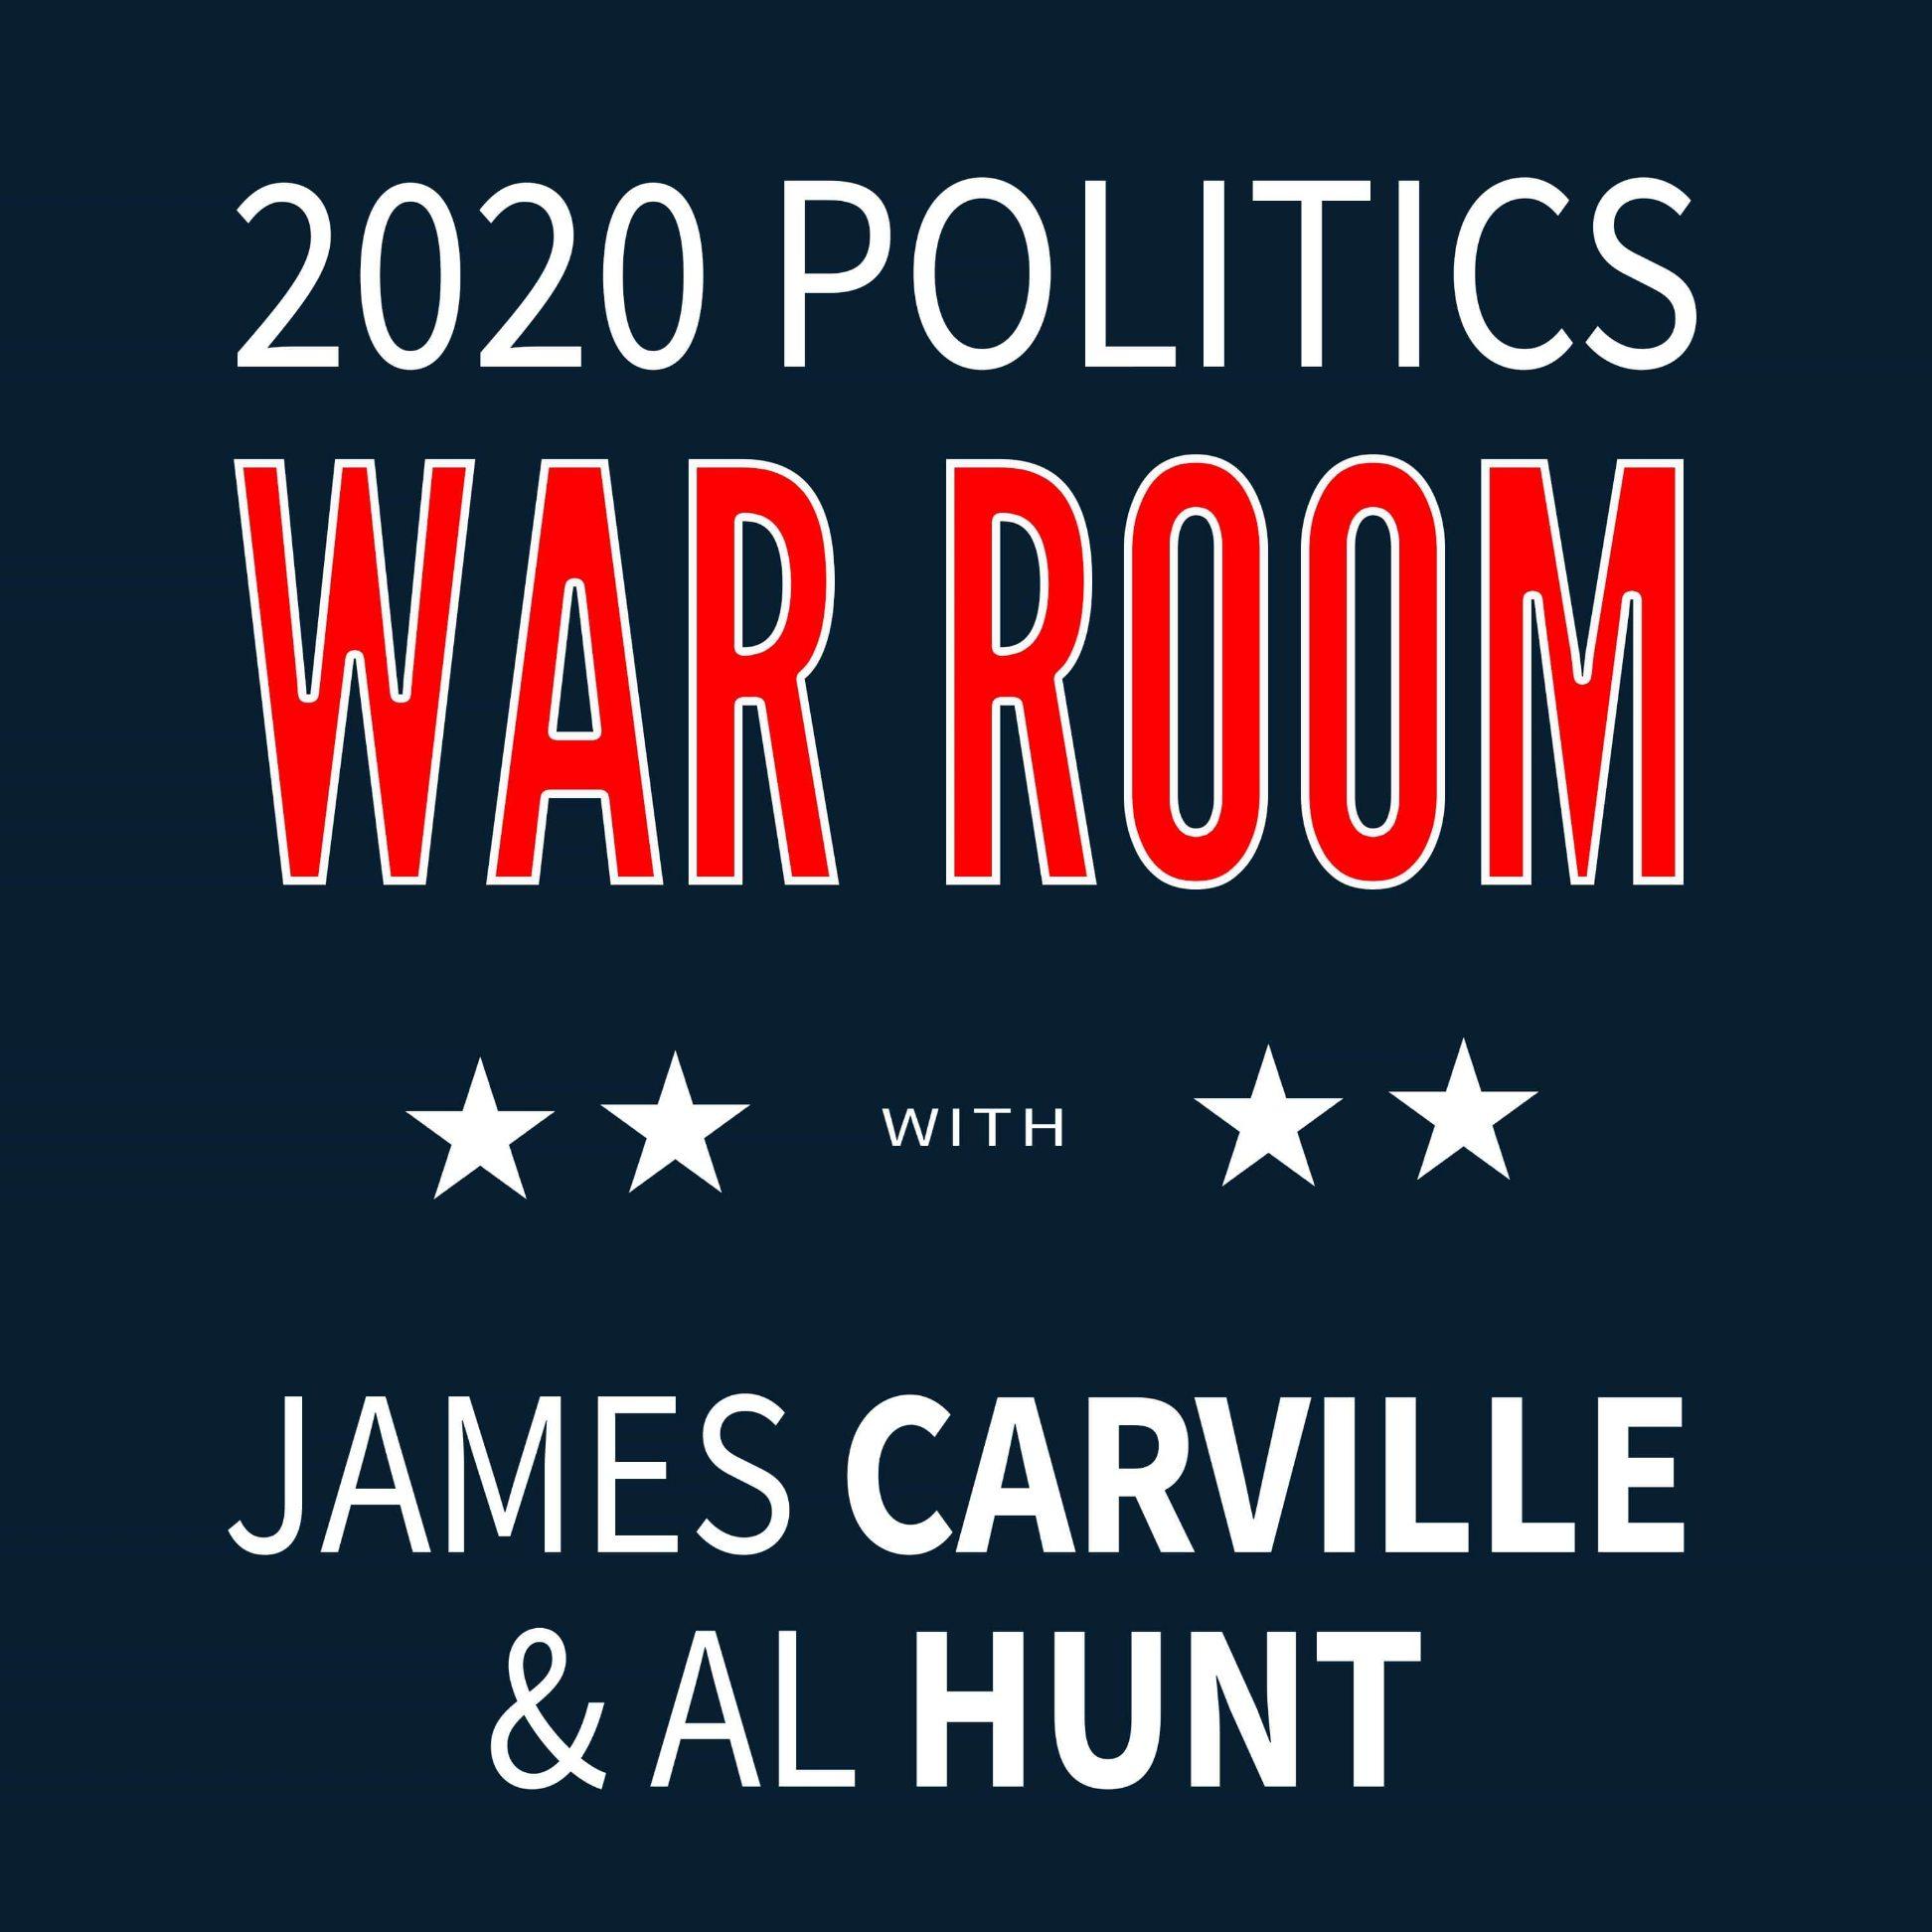 2020 Politics War Room